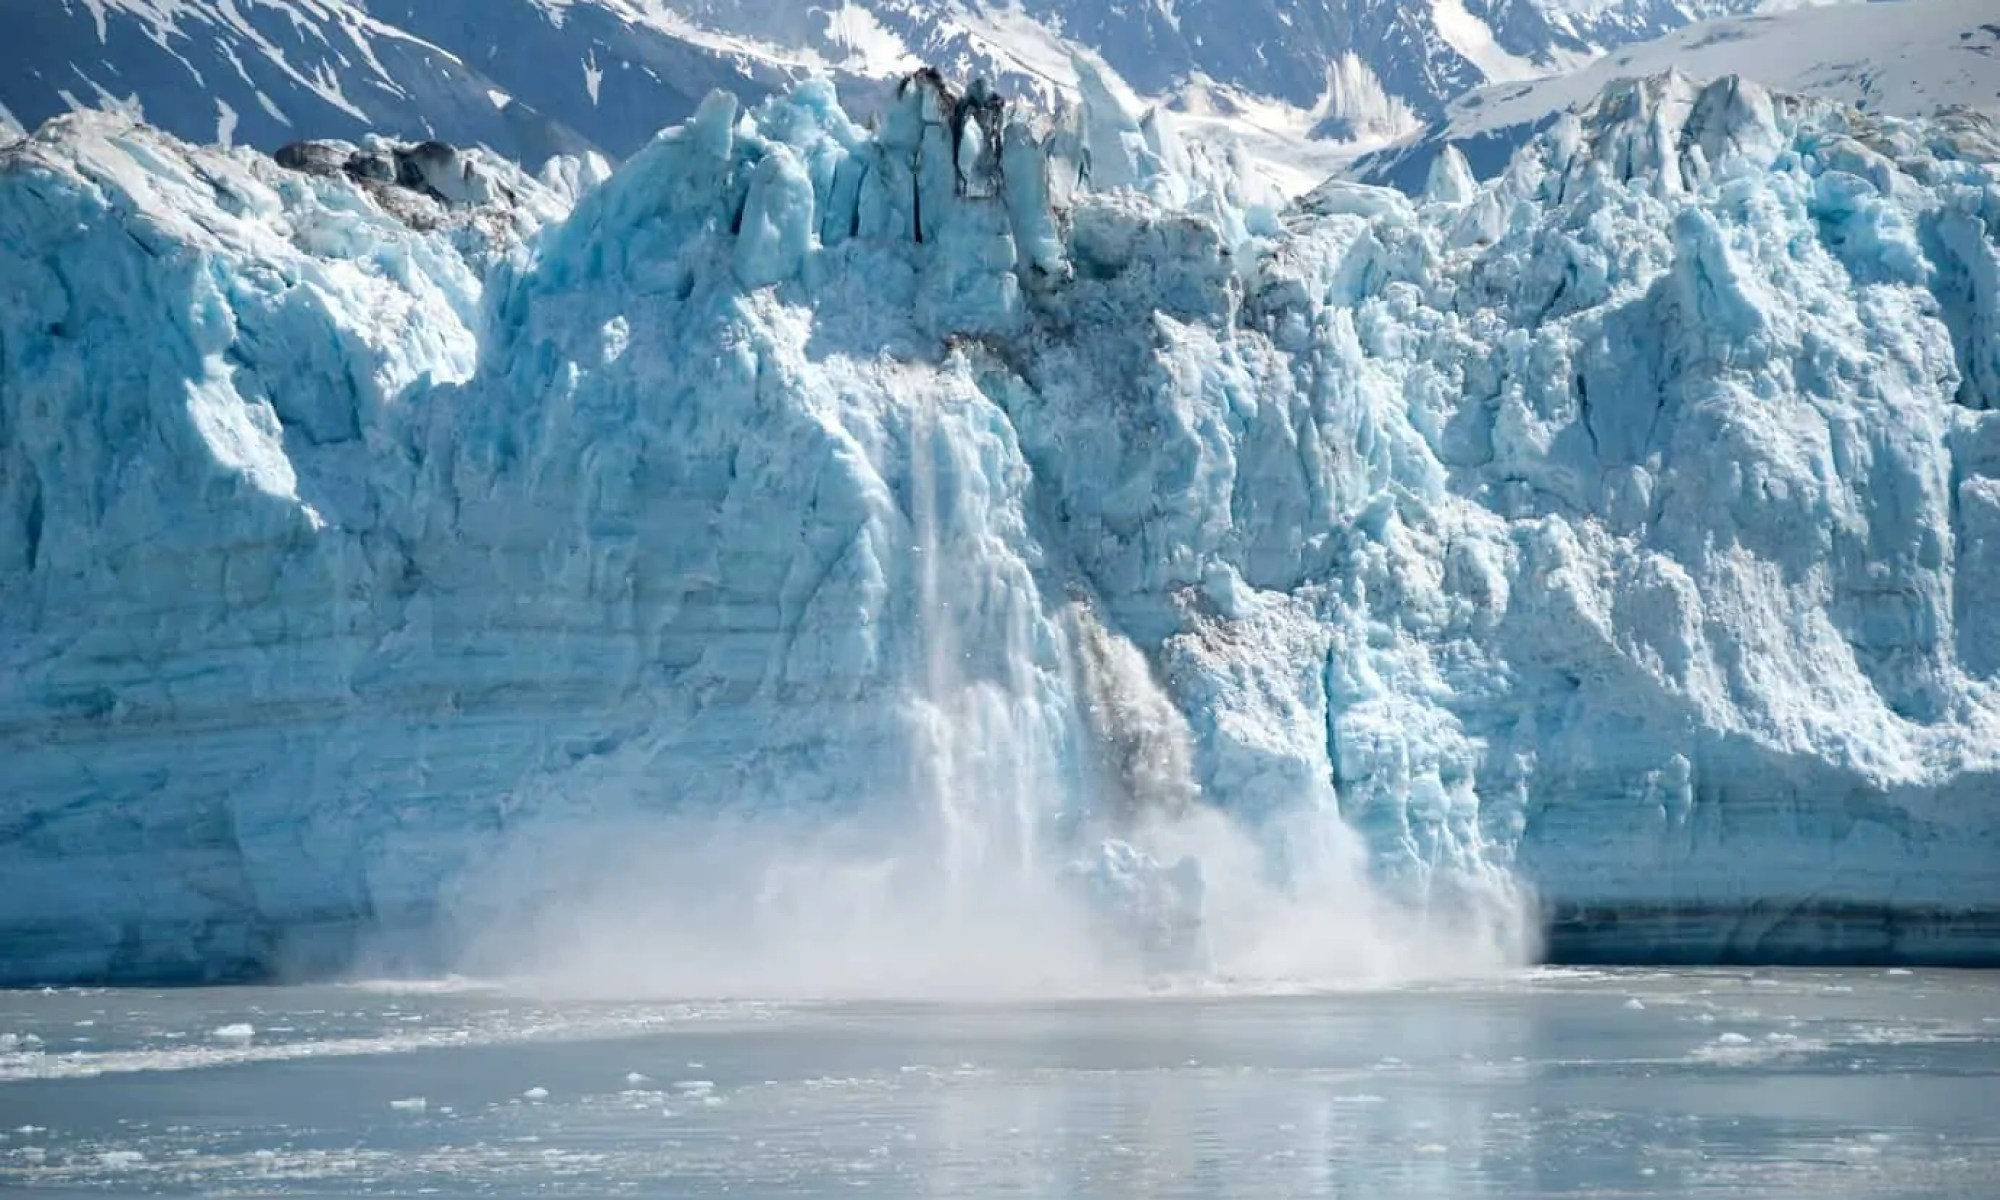 L'Artico sta andando a fuoco, è la notizia che tutti dovrebbero conoscere ...